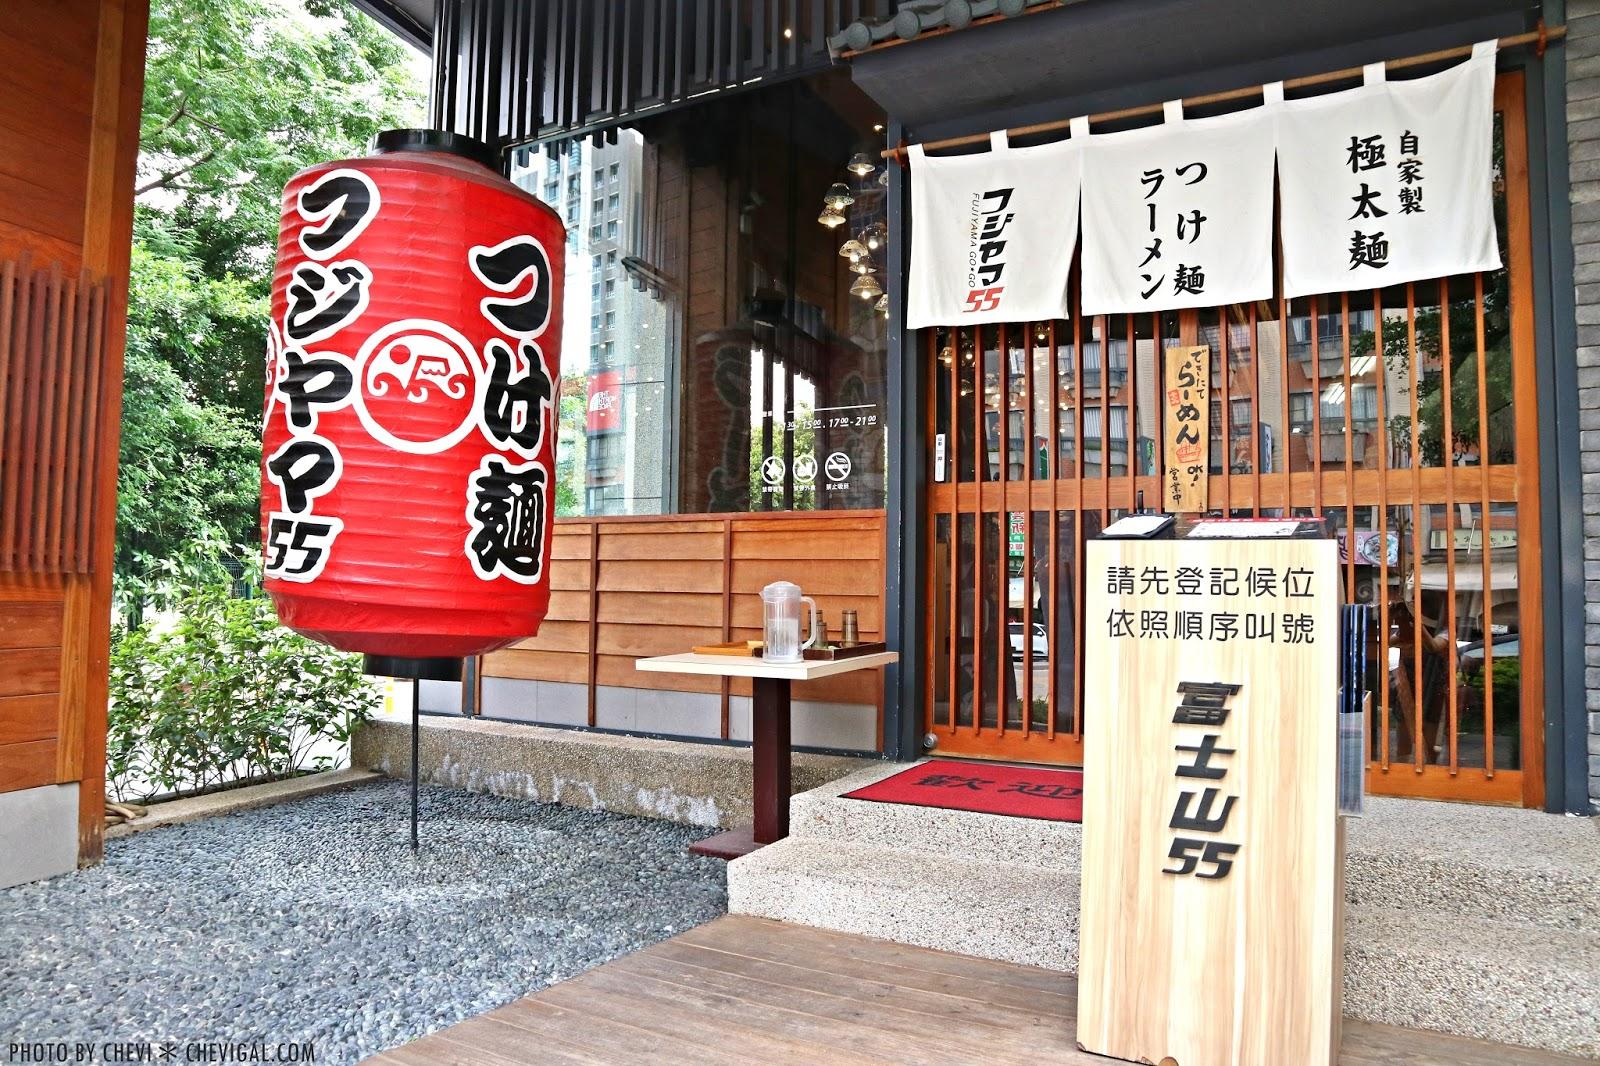 IMG 9841 - 熱血採訪│富士山55沾麵,富士山55周年感謝祭。澎派菜單全新登場。還有免費 Cold Stone冰淇淋請你吃